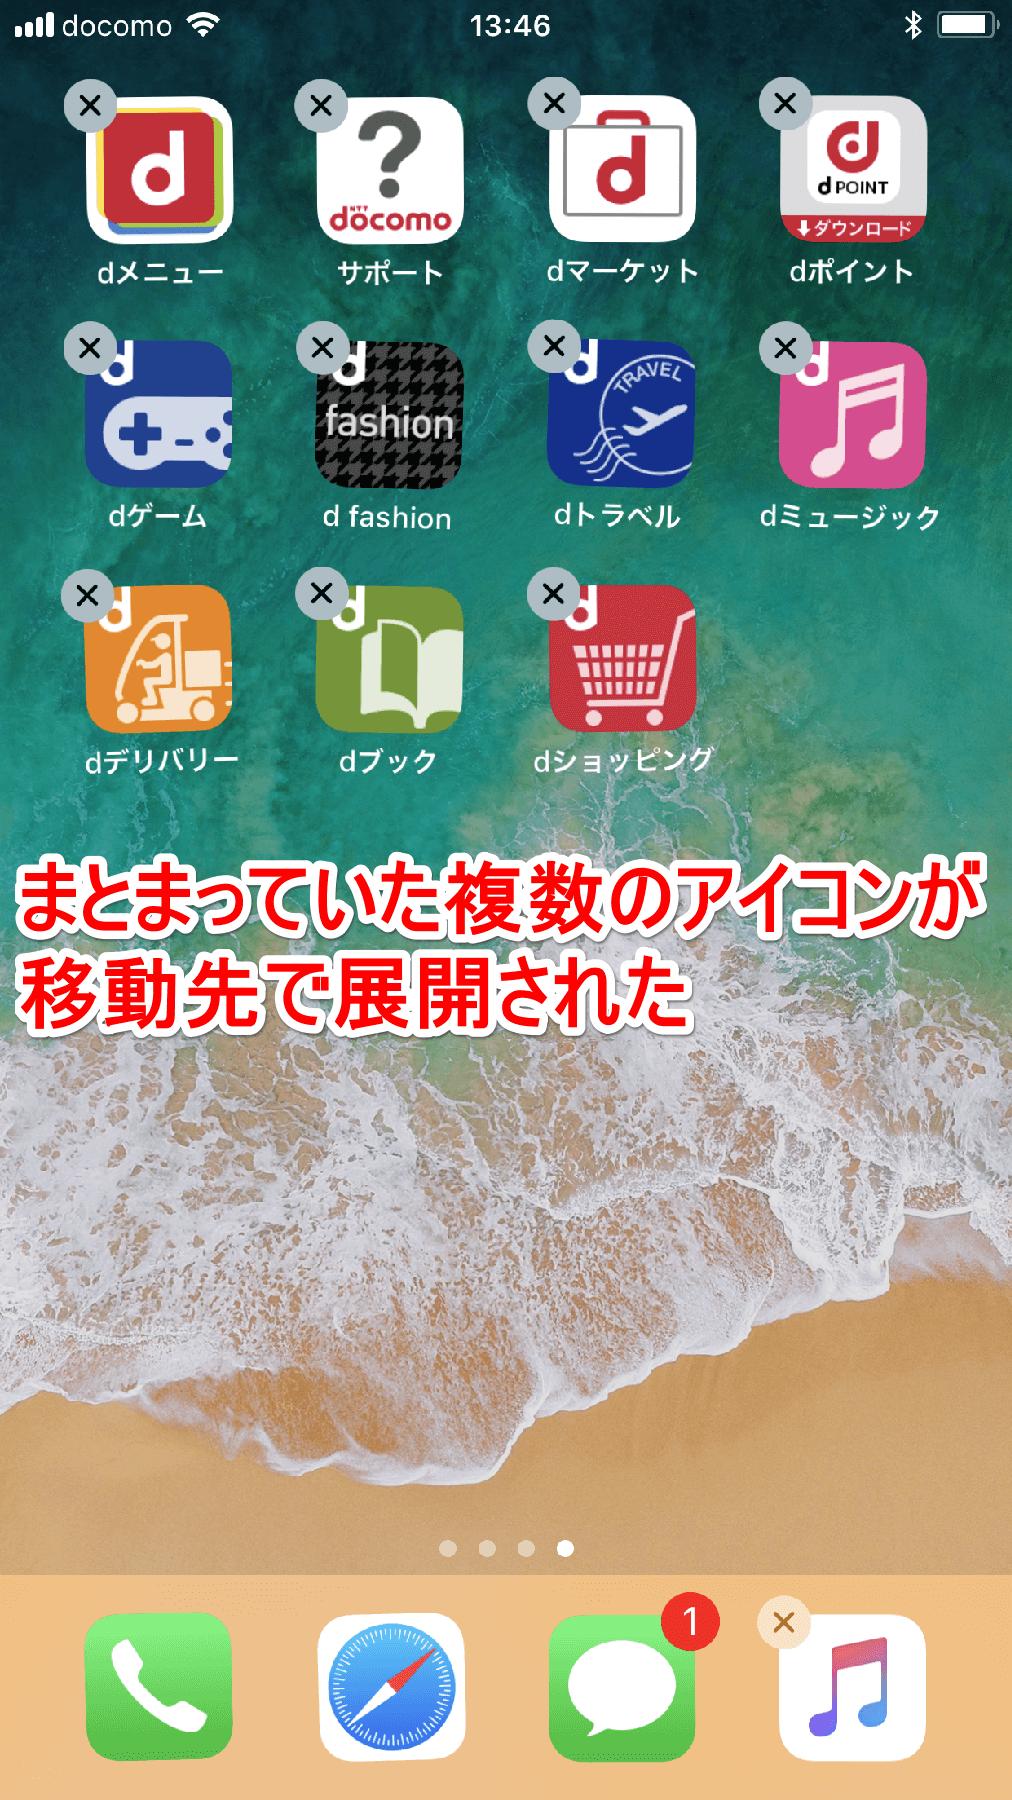 iPhone(アイフォン、アイフォーン)のホーム画面で複数のアイコンをまとめて移動できた画面